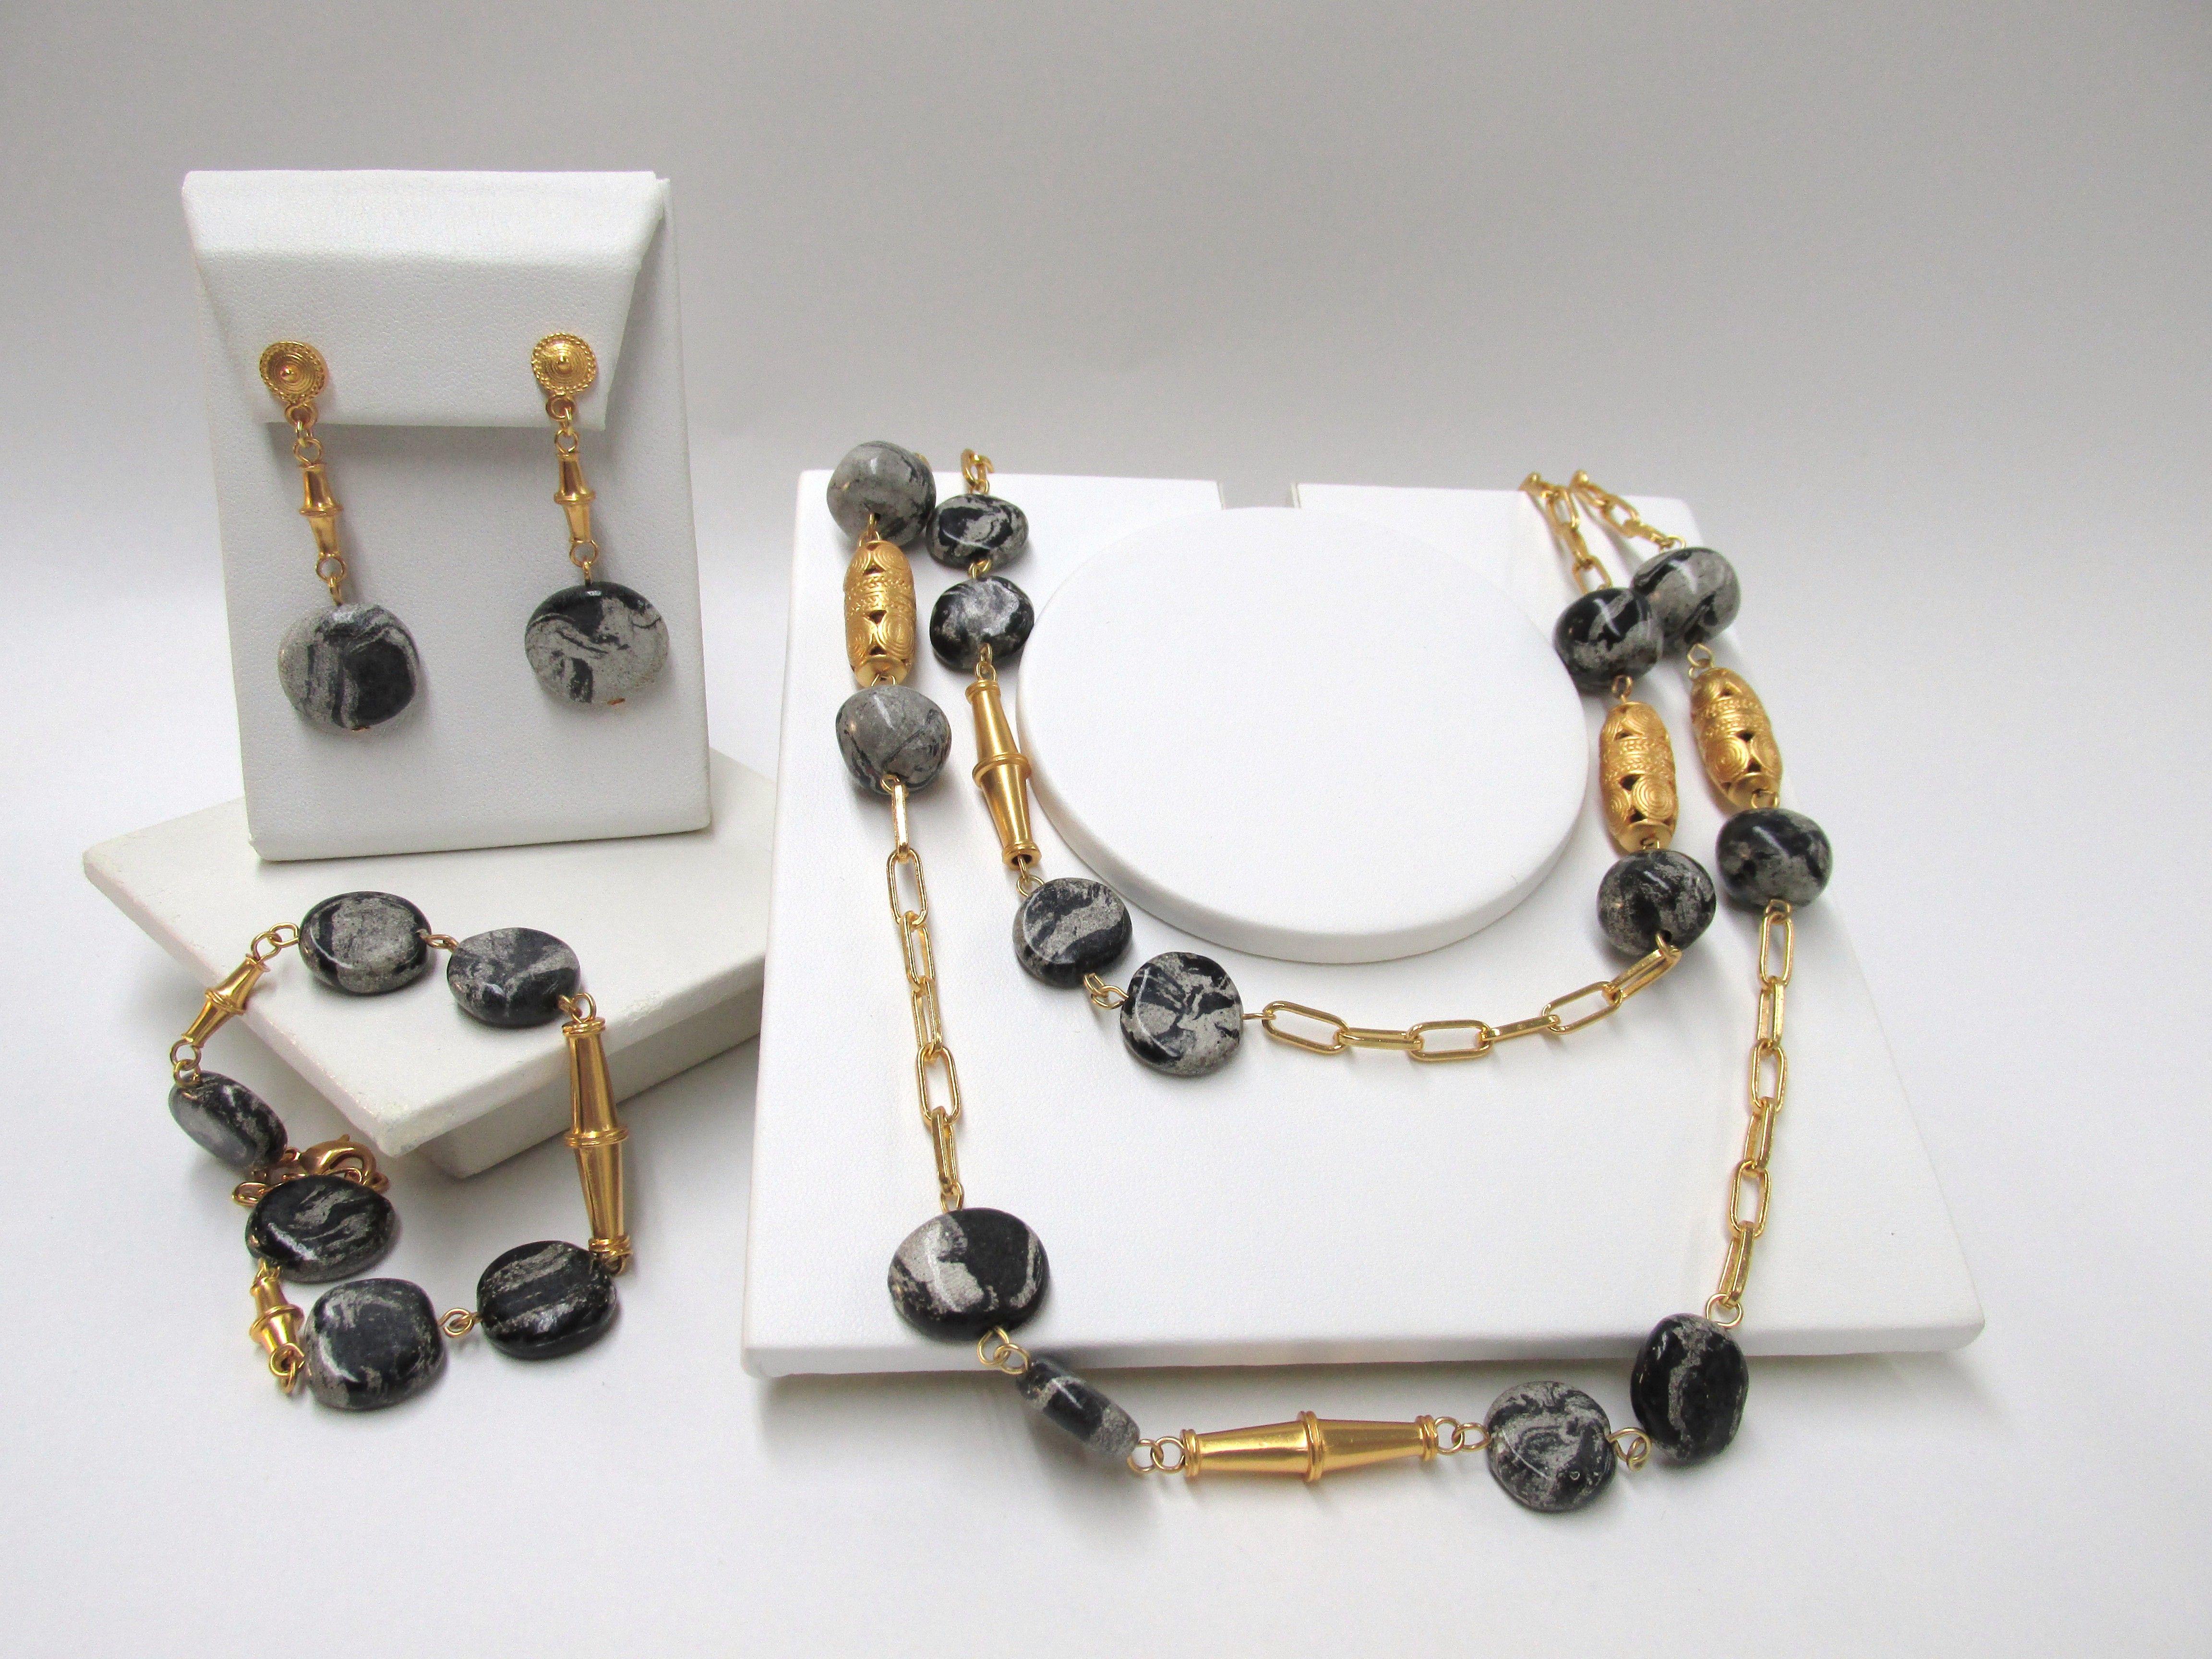 7477b2a1f005 Hermoso Juego de collar pulsera y aretes con piedra tairona negra y enchape  en oro CSAFTP